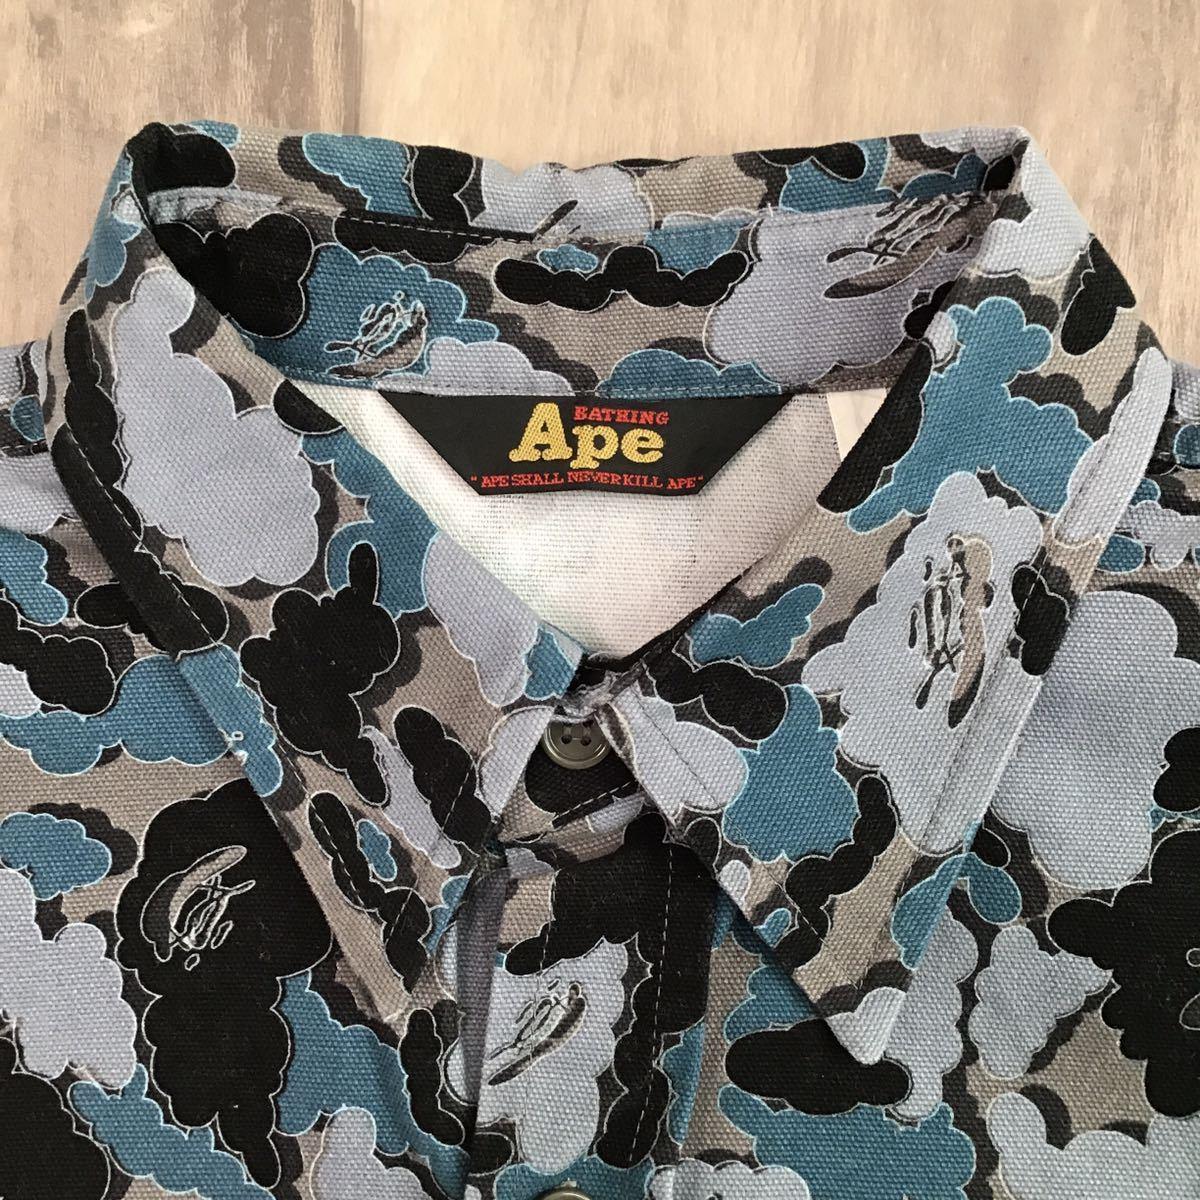 ★激レア★ kaws cloud camo ワークシャツ Sサイズ a bathing ape bape カウズ エイプ ベイプ アベイシングエイプ nigo 迷彩 vintage 0995